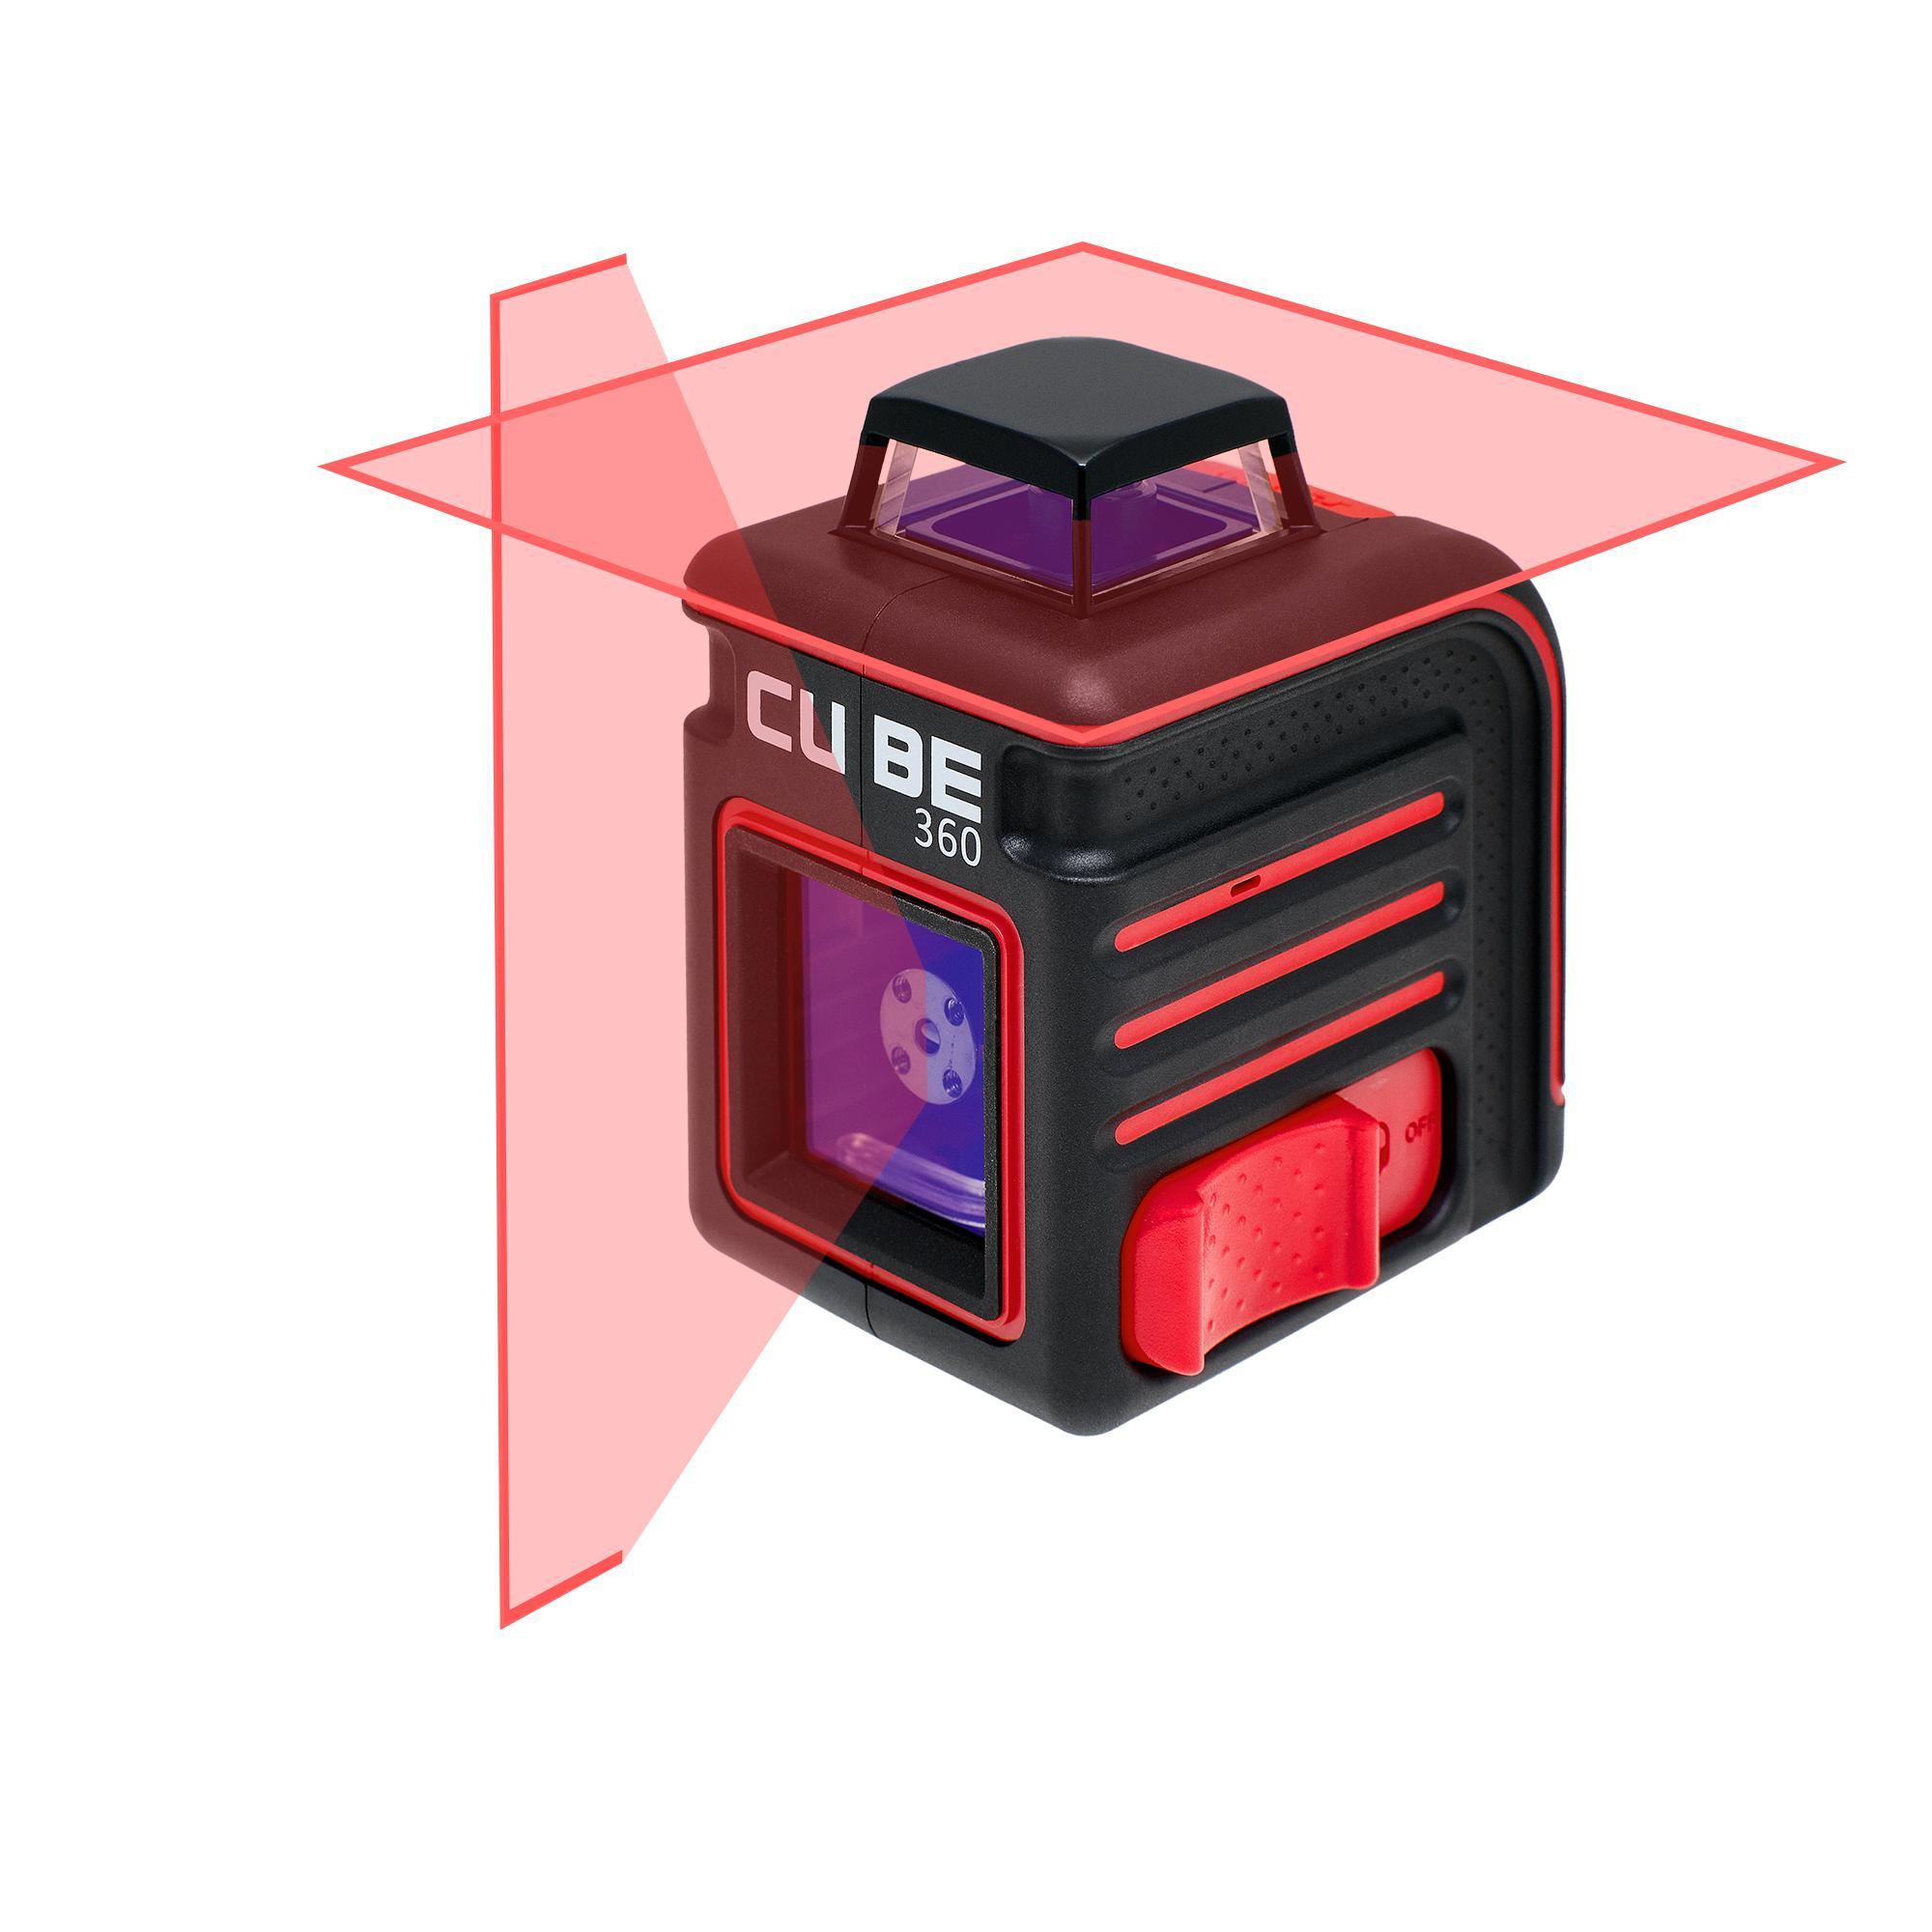 Лазерный построитель плоскостей Ada Cube 360 basic edition лазерный уровень ada cube home edition